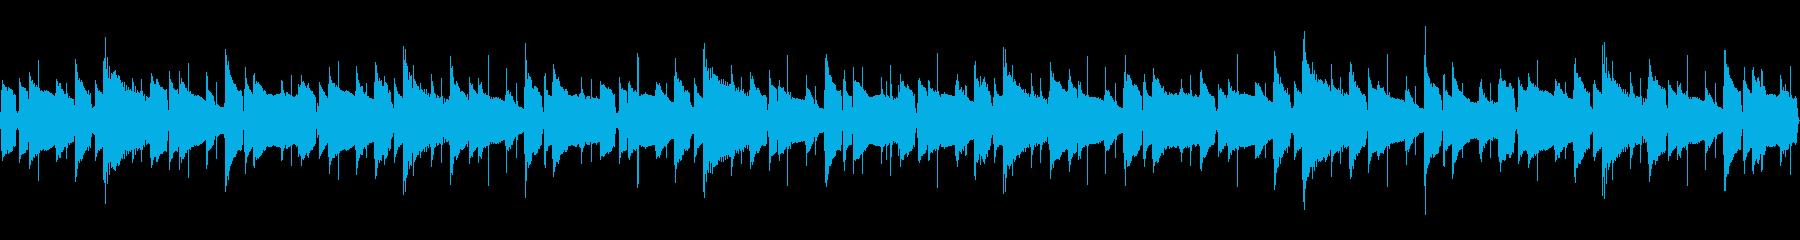 【52秒ループ】軽やかなボサノバハワイ曲の再生済みの波形